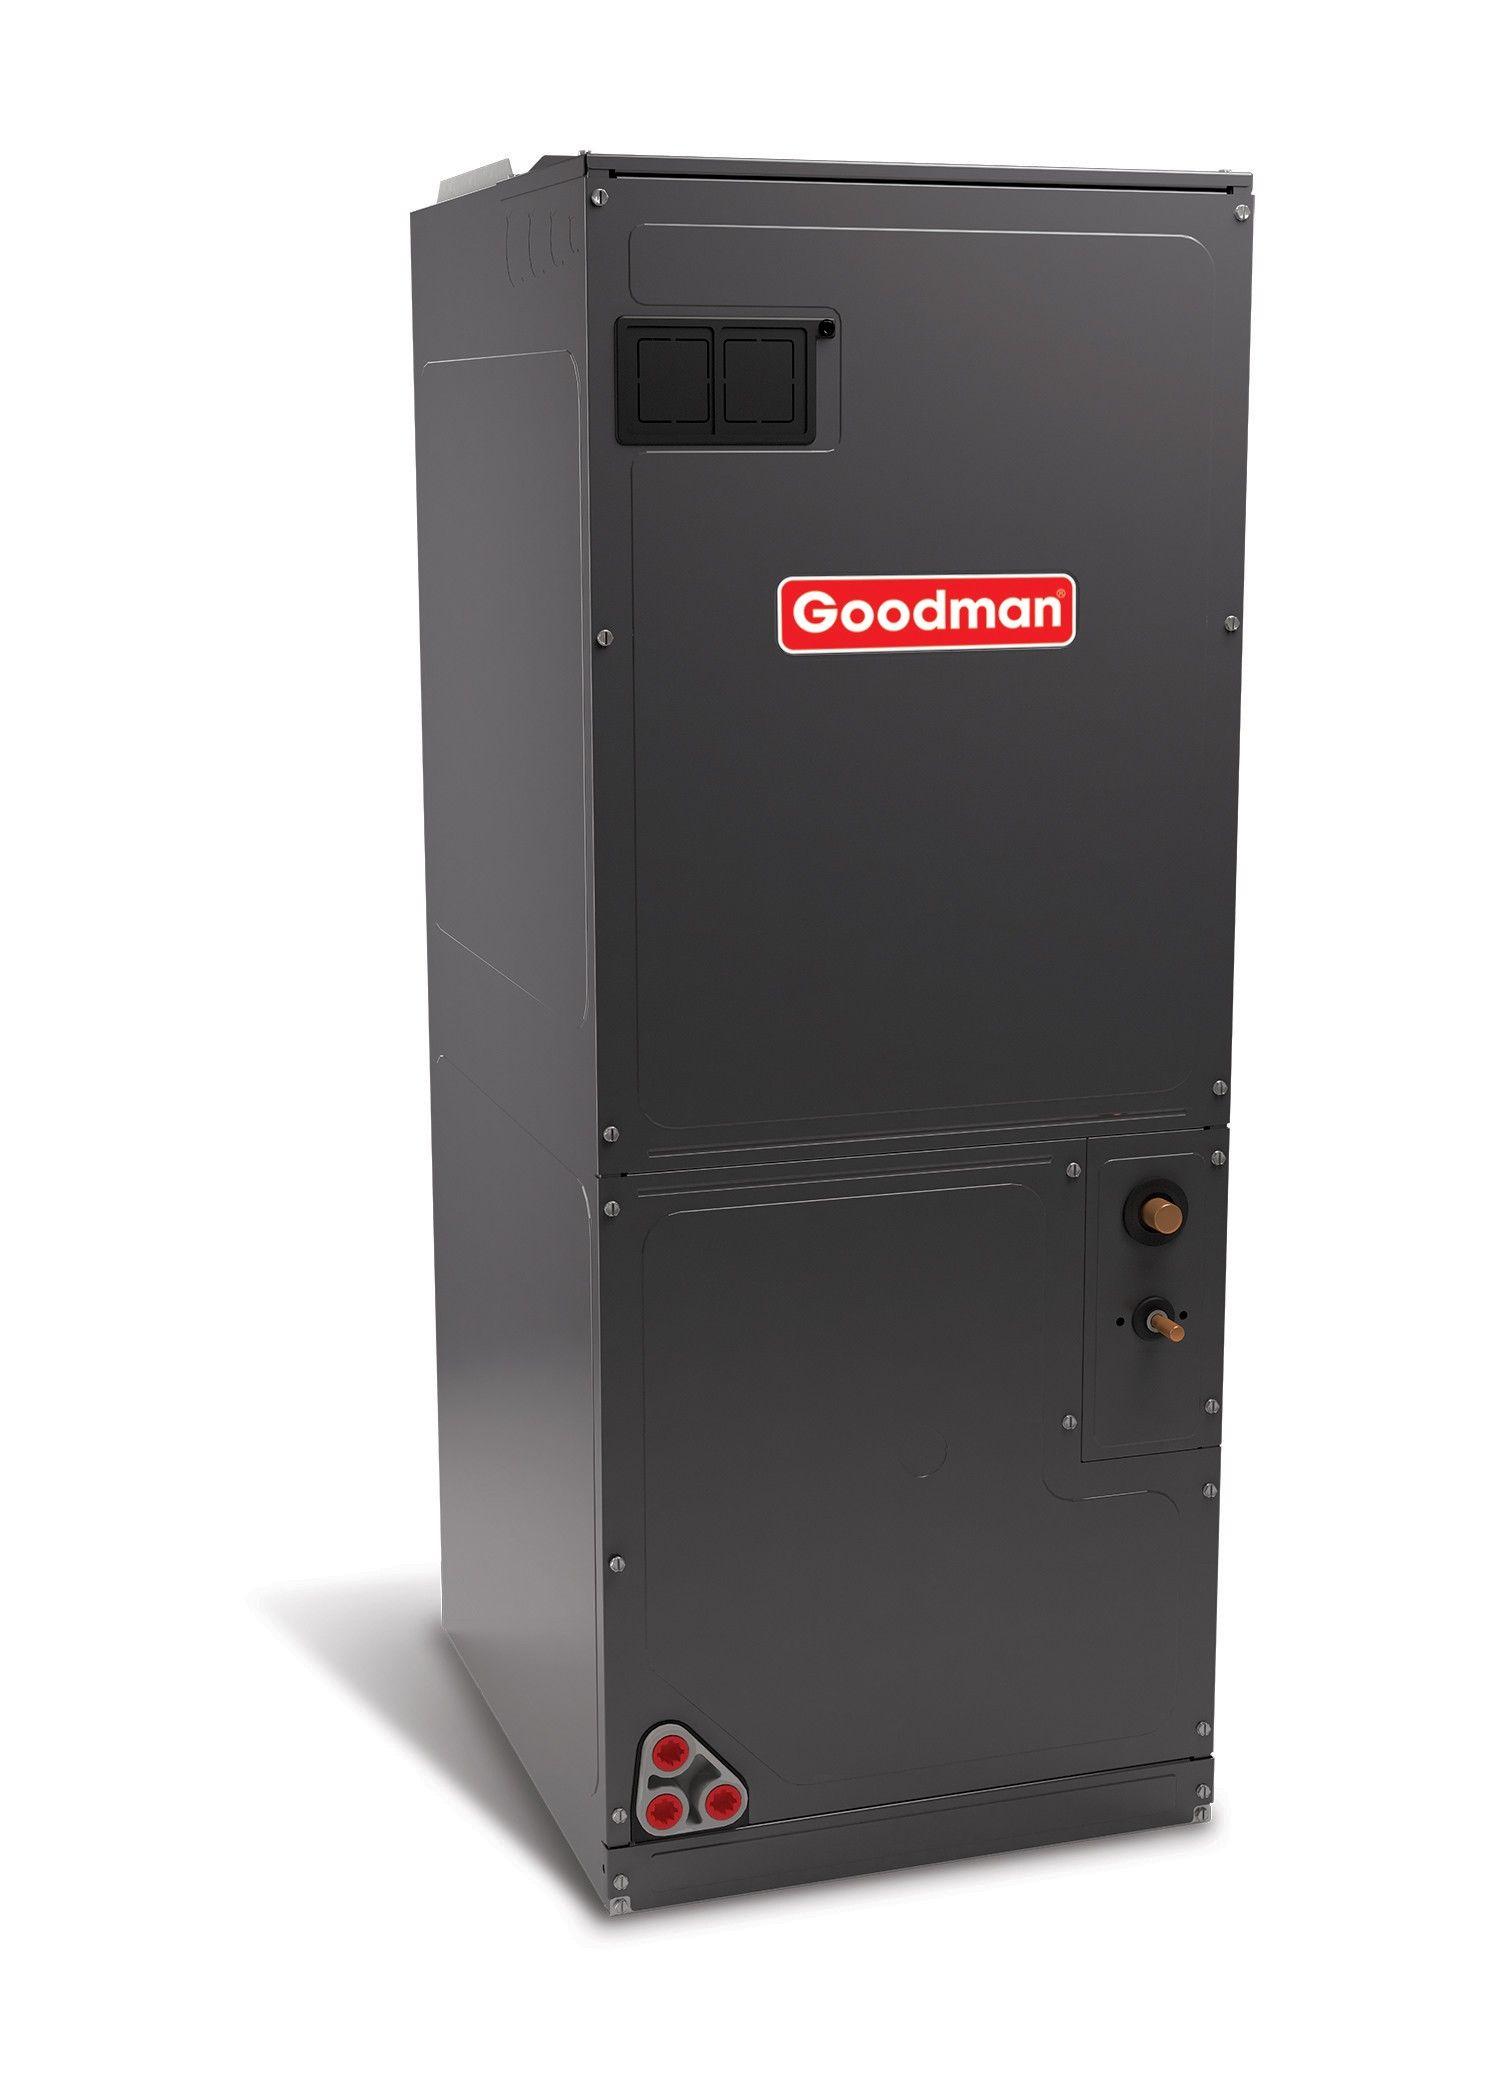 Goodman 3.0 Ton High efficiency Variable Speed Air Handler